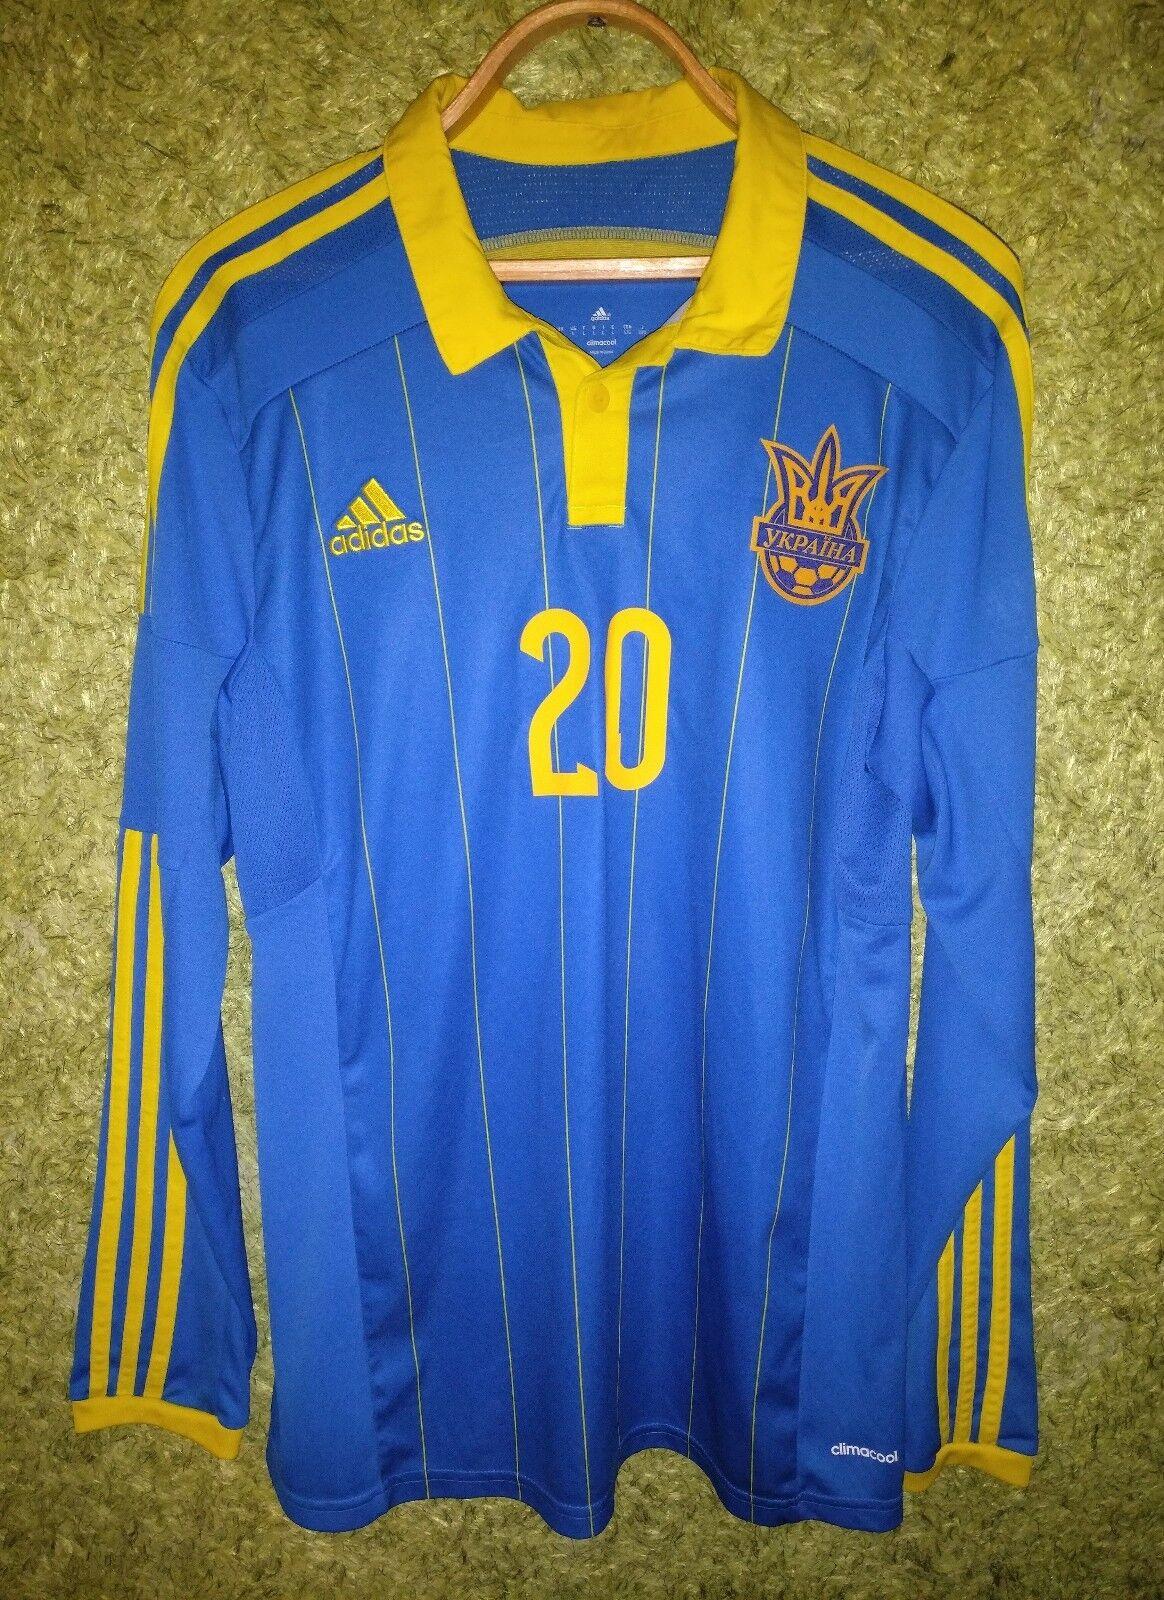 Ukraine National Team Jersey 2014 2015 Away Sleeve Player Issue Long Sleeve Away Shirt Sz L 8706ba